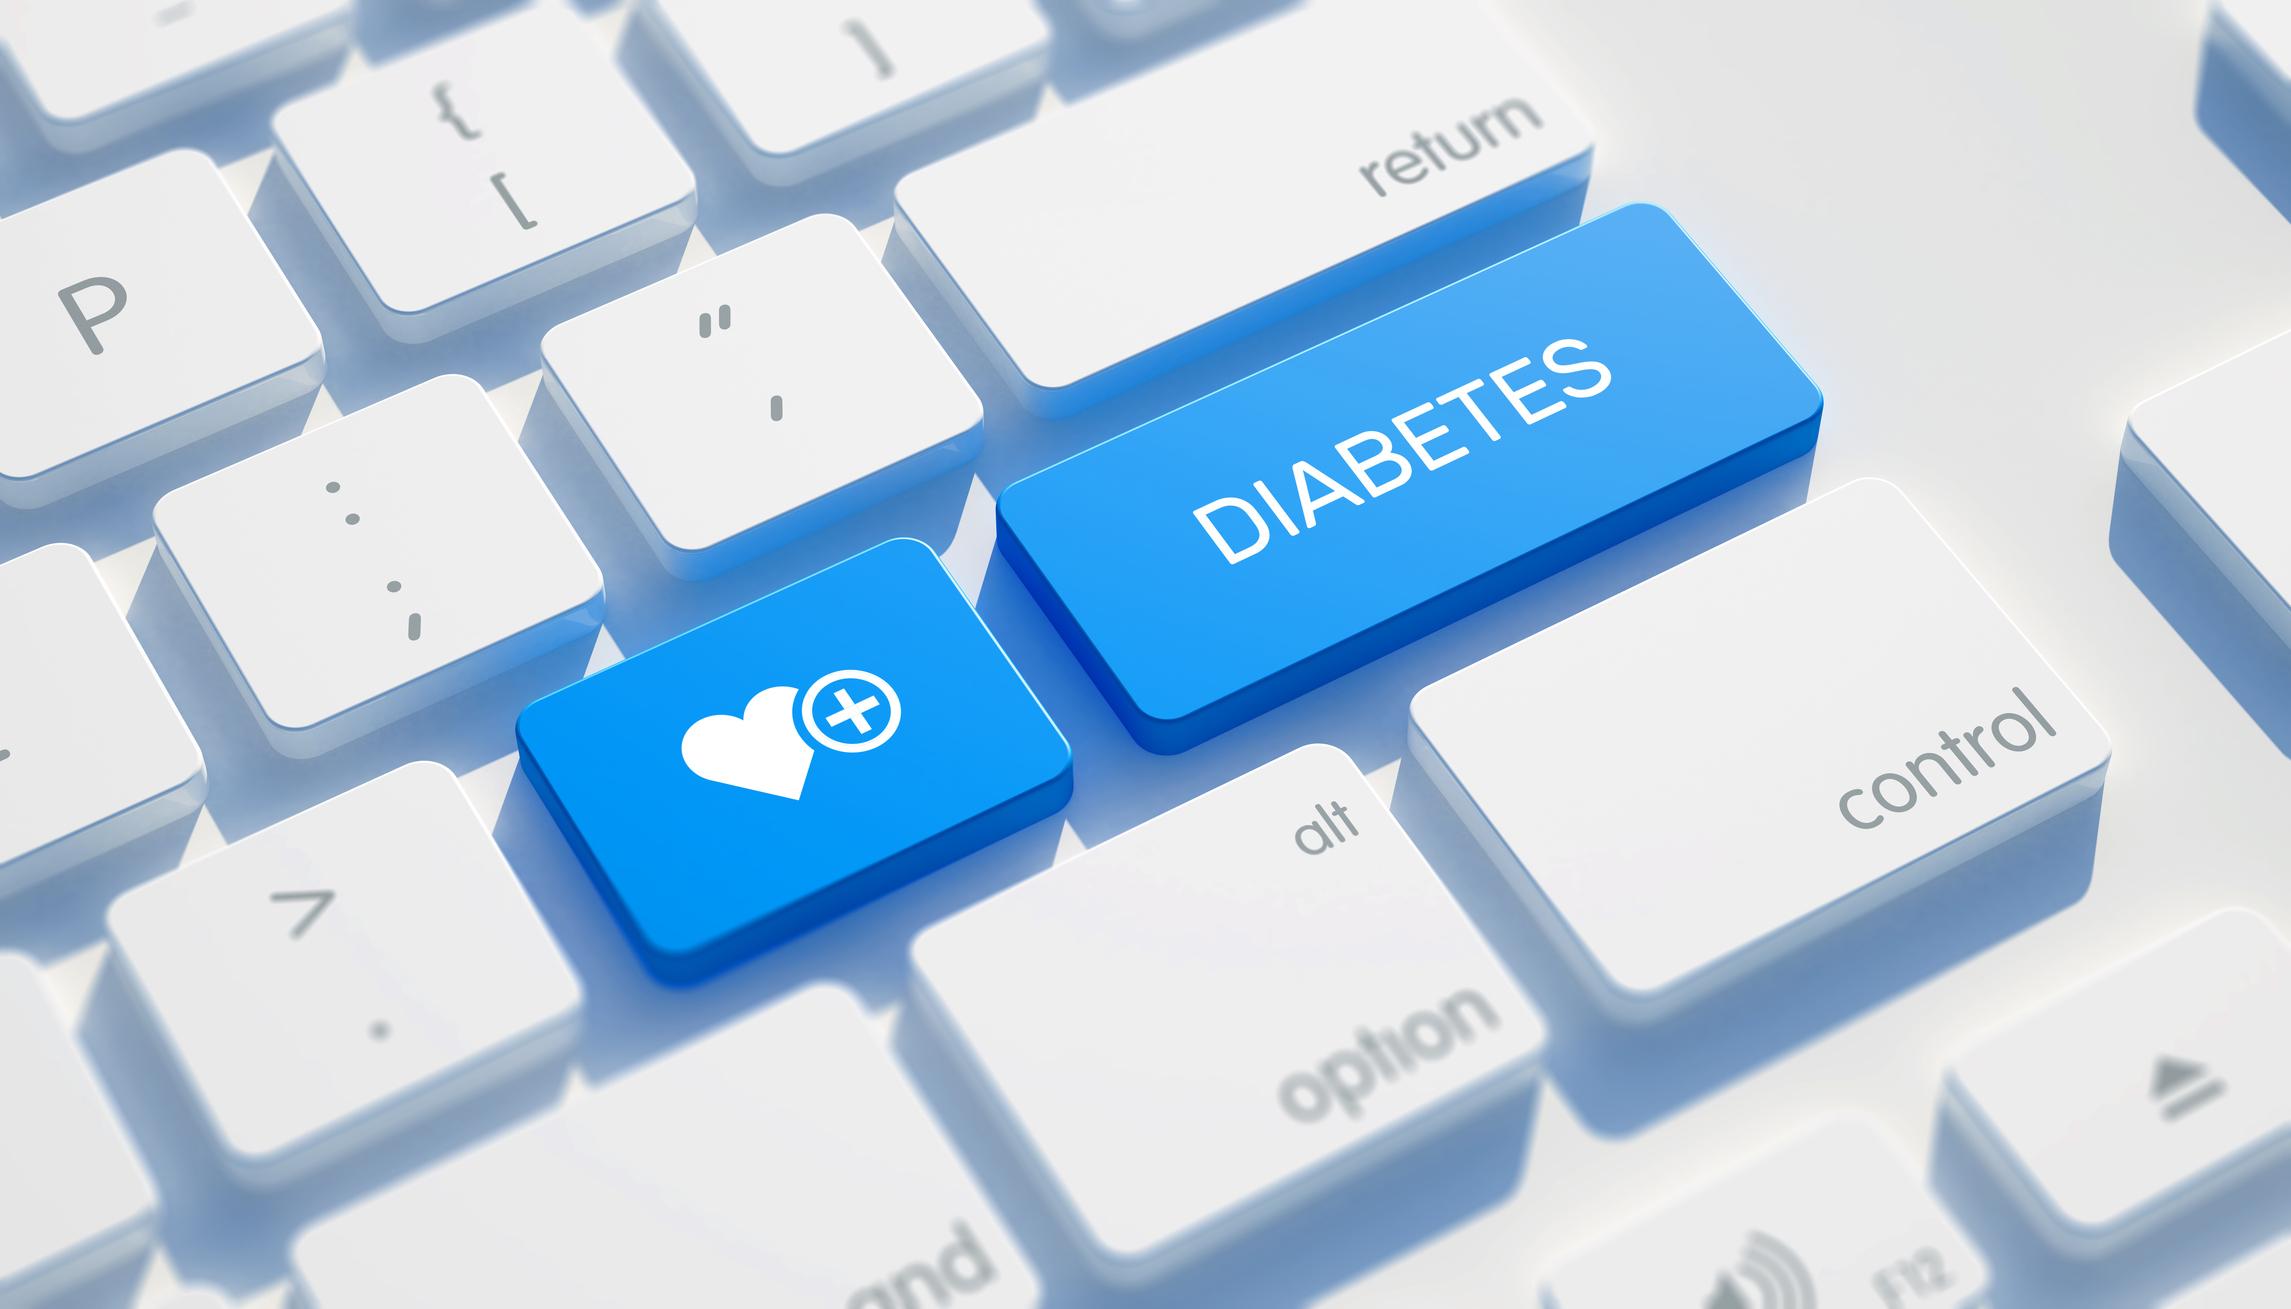 WOrd diabetes on keyboard